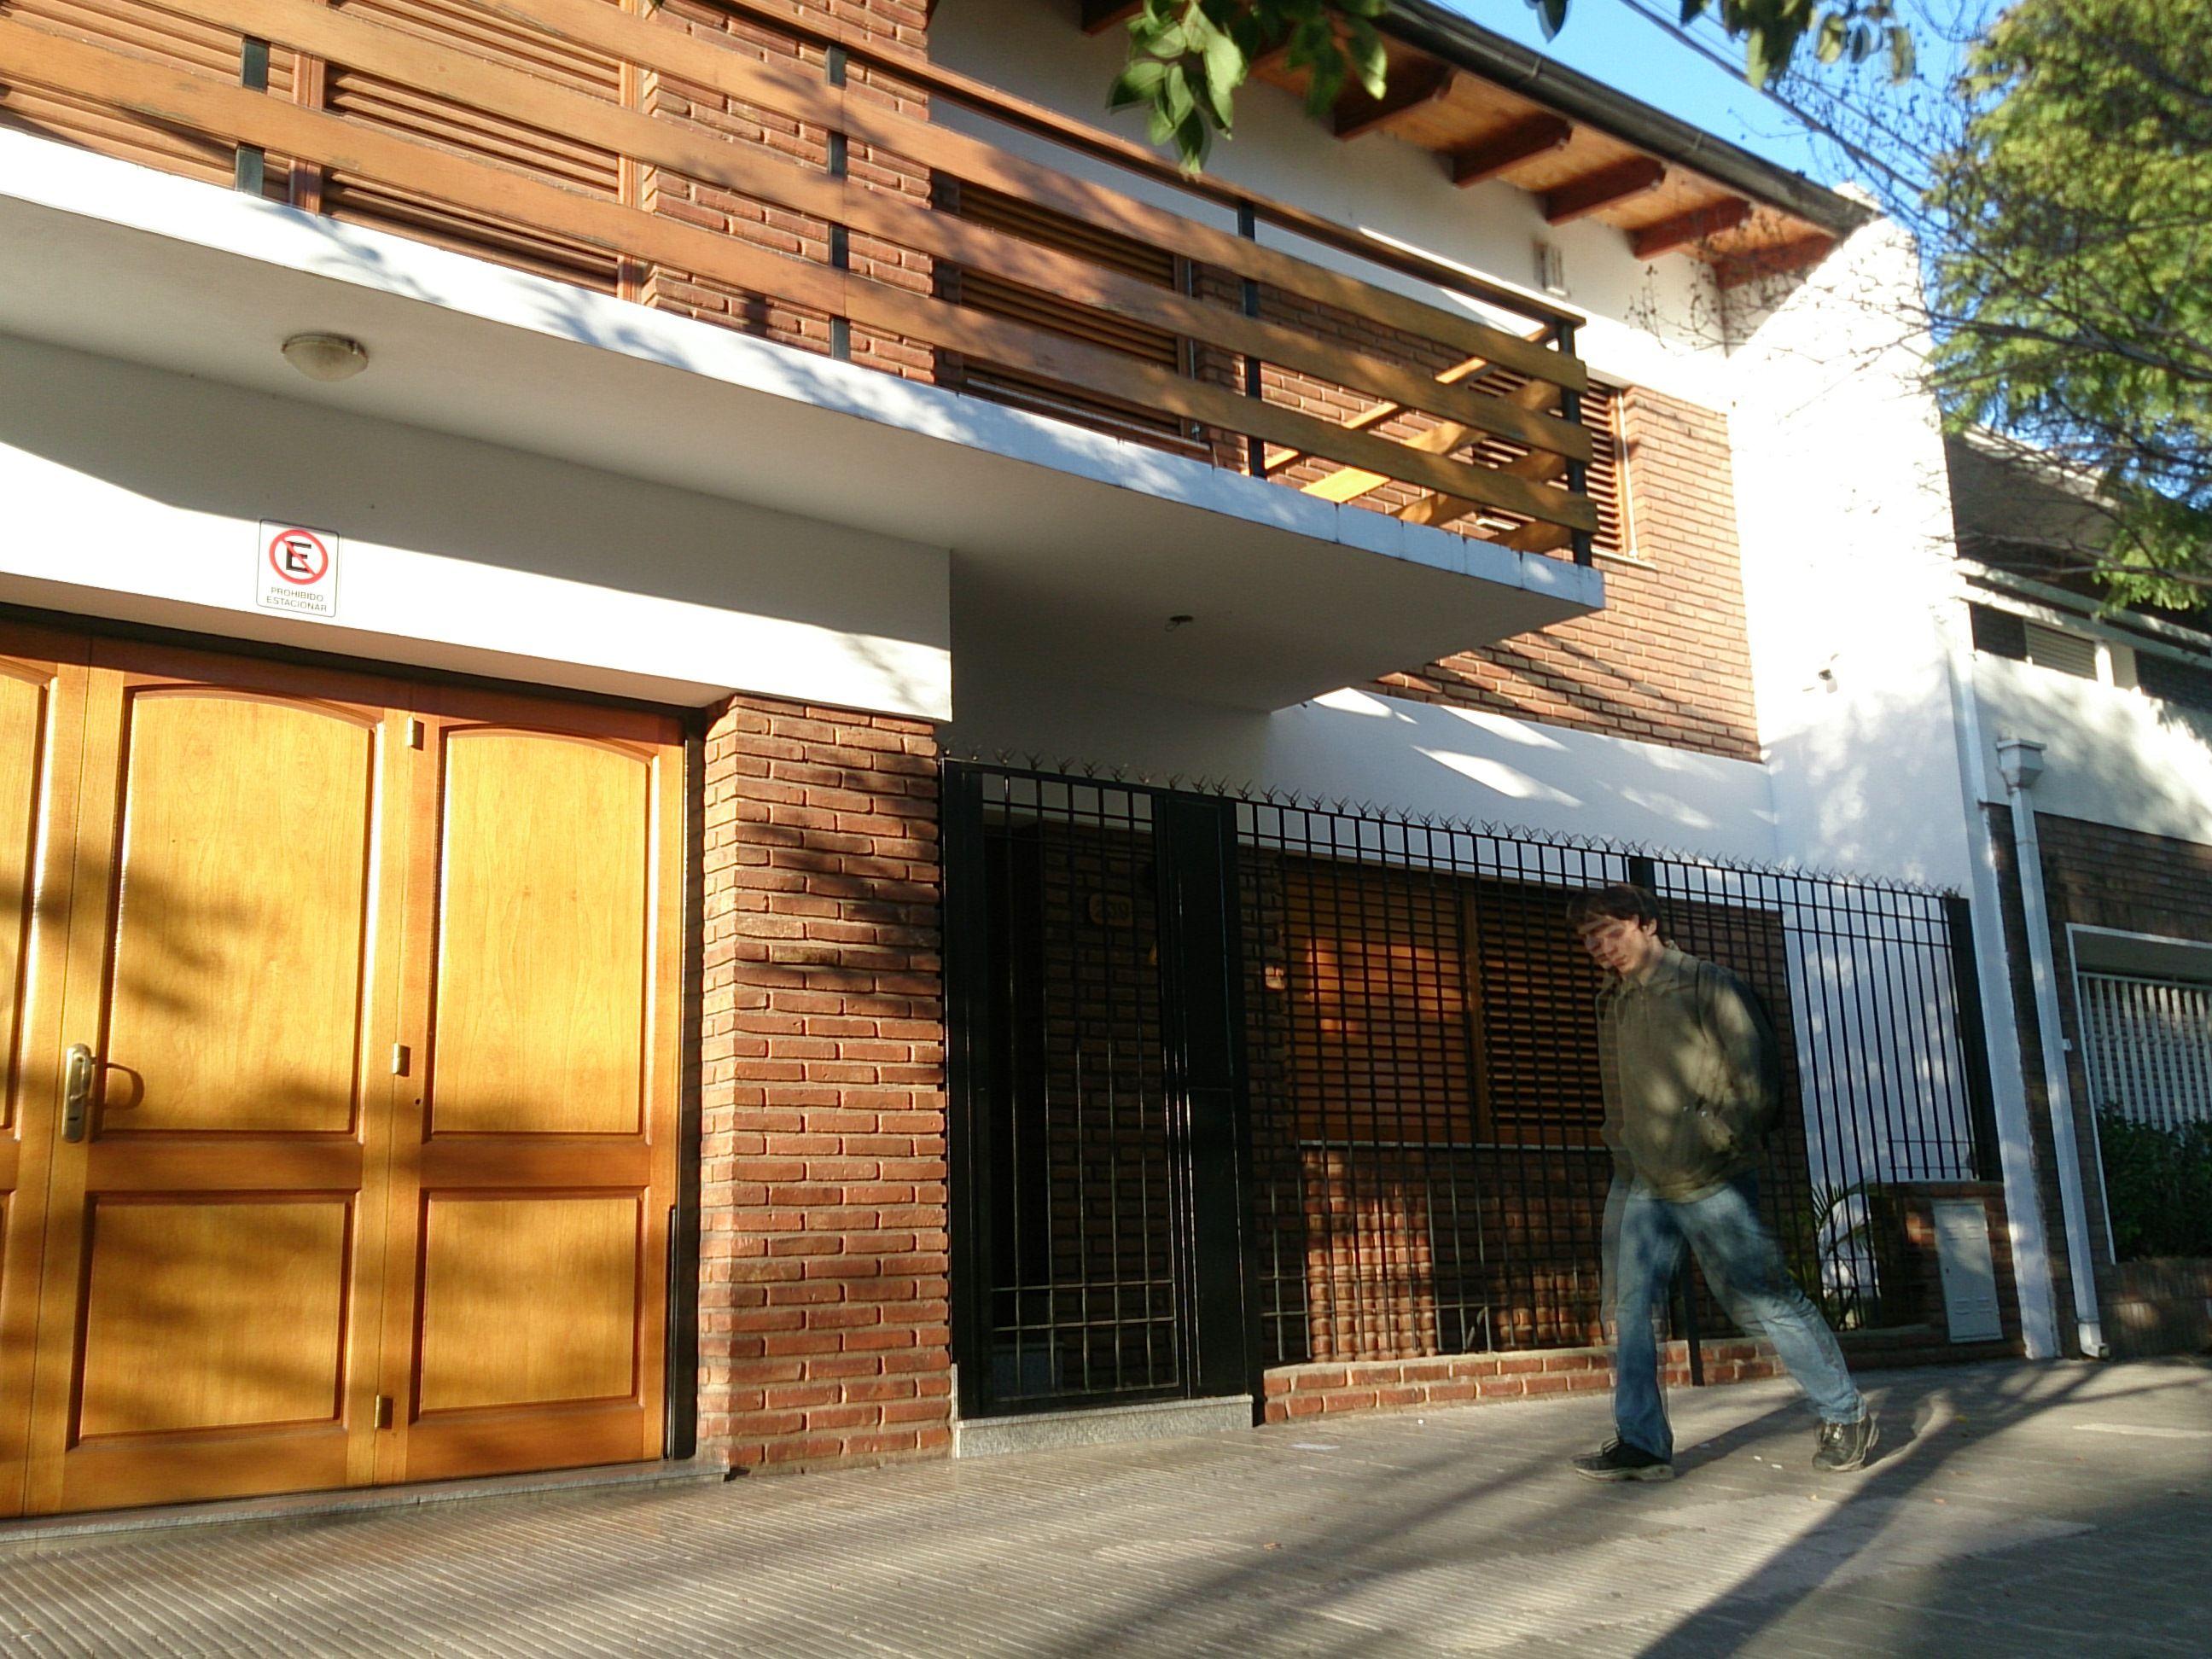 El asalto ocurrió ayer cerca del mediodía en Ocampo al 200. (Foto: Celina M. Lovera)